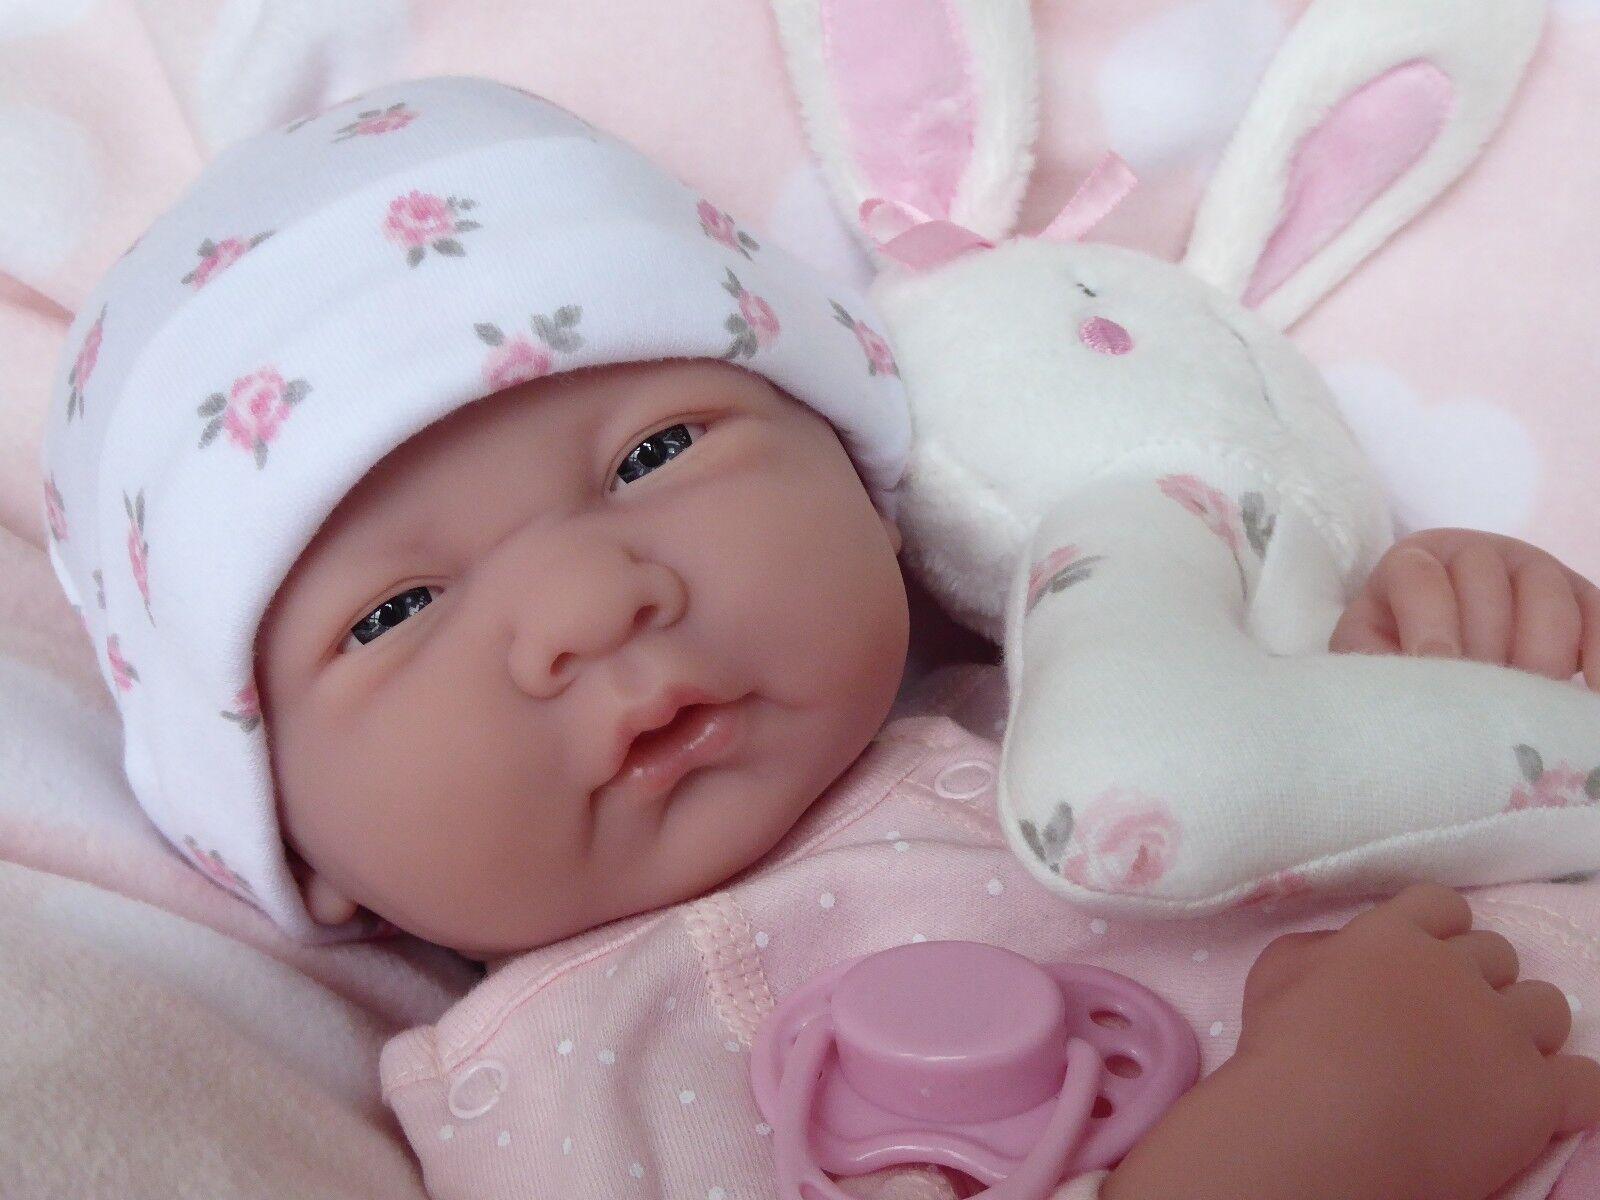 Bambola realistica realistici  Berenguer La nuovoborn REAL bambino GIRL REBORNPLAY